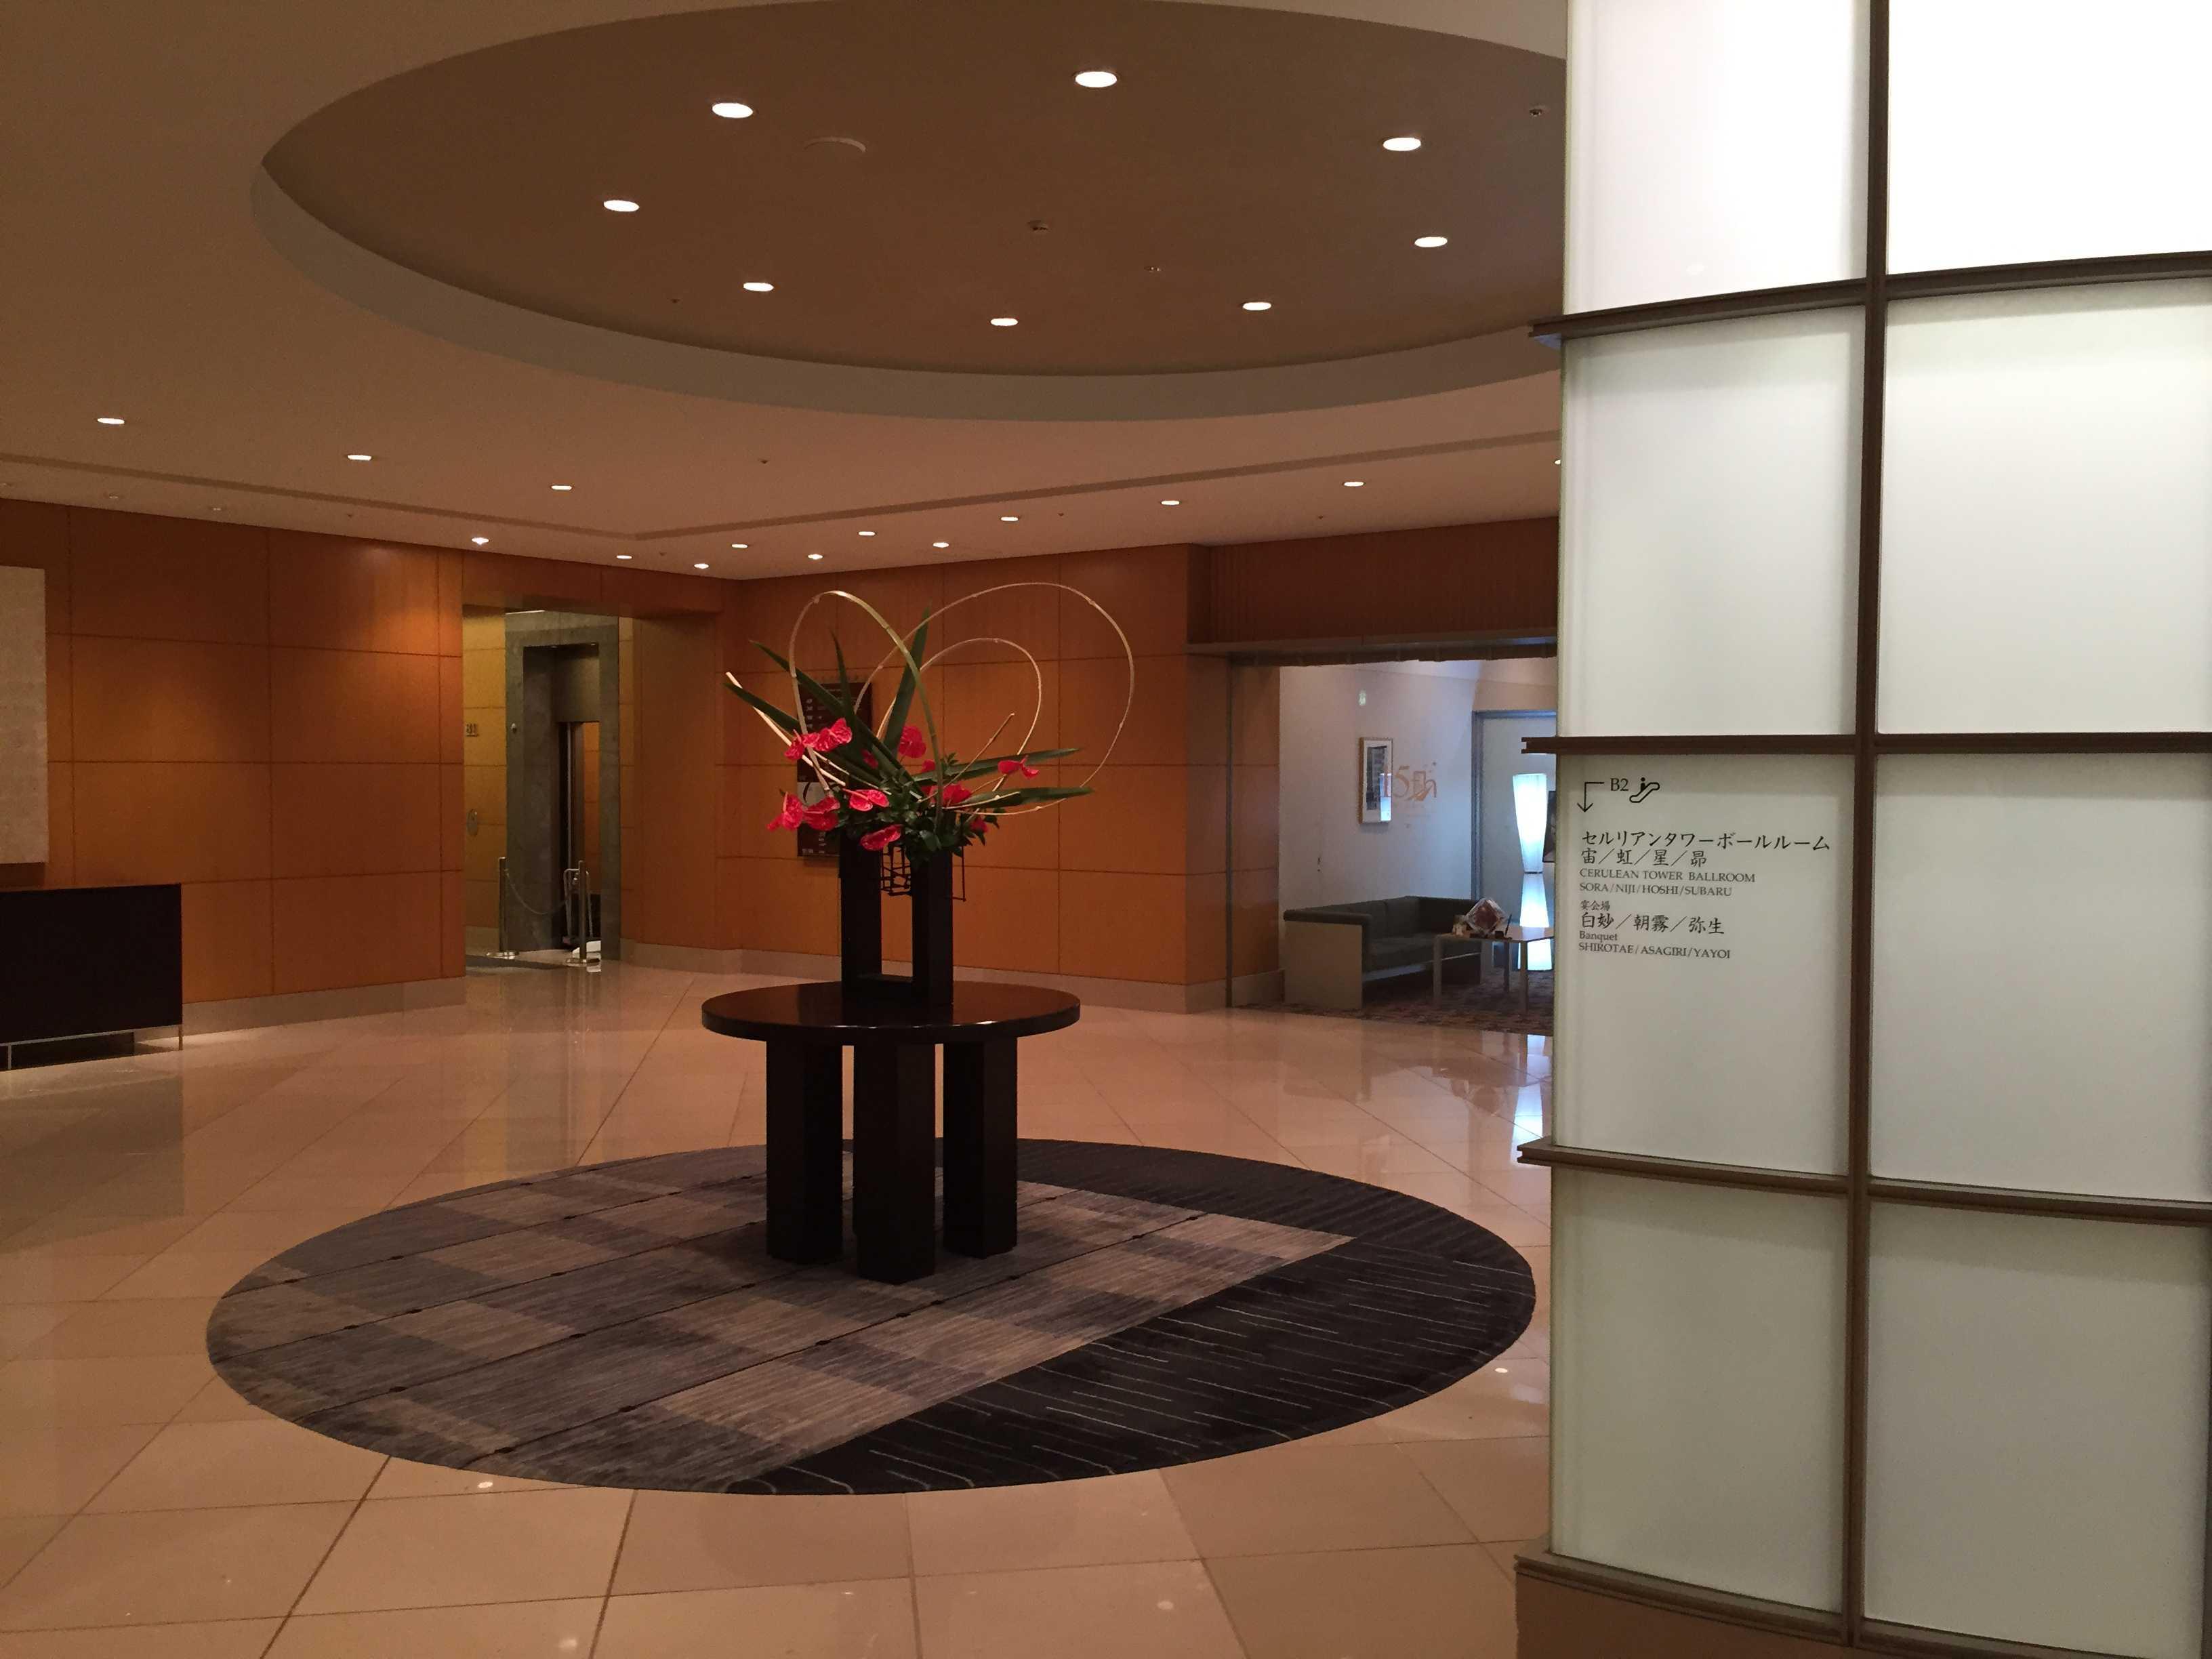 セルリアンタワーホテル 1階入口